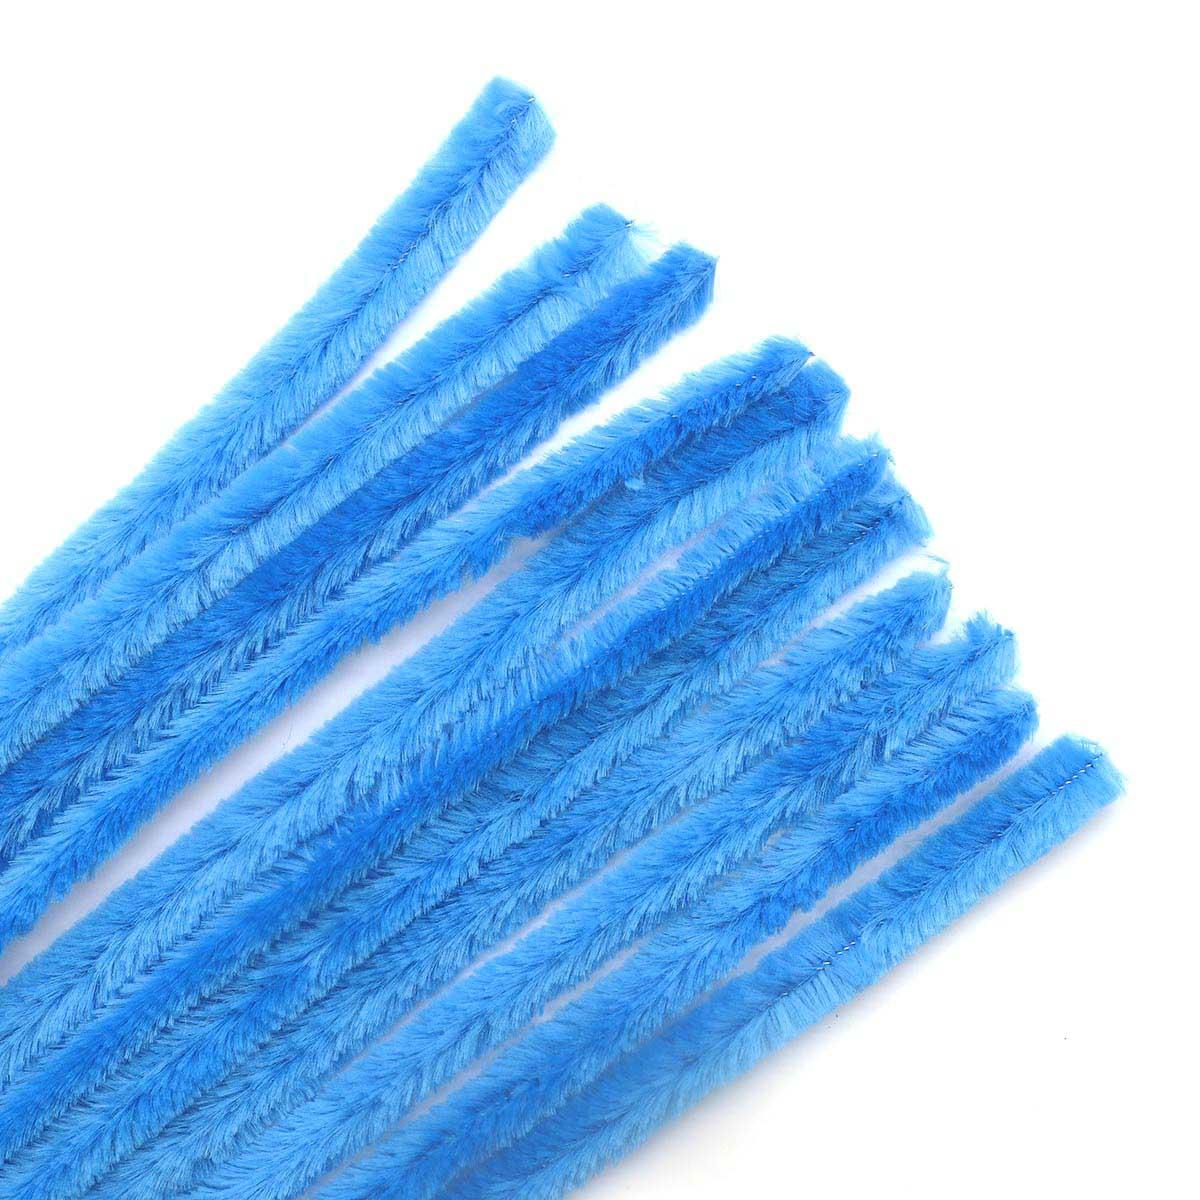 Синель-проволока, 12 мм*30см, 15шт/упак, Астра